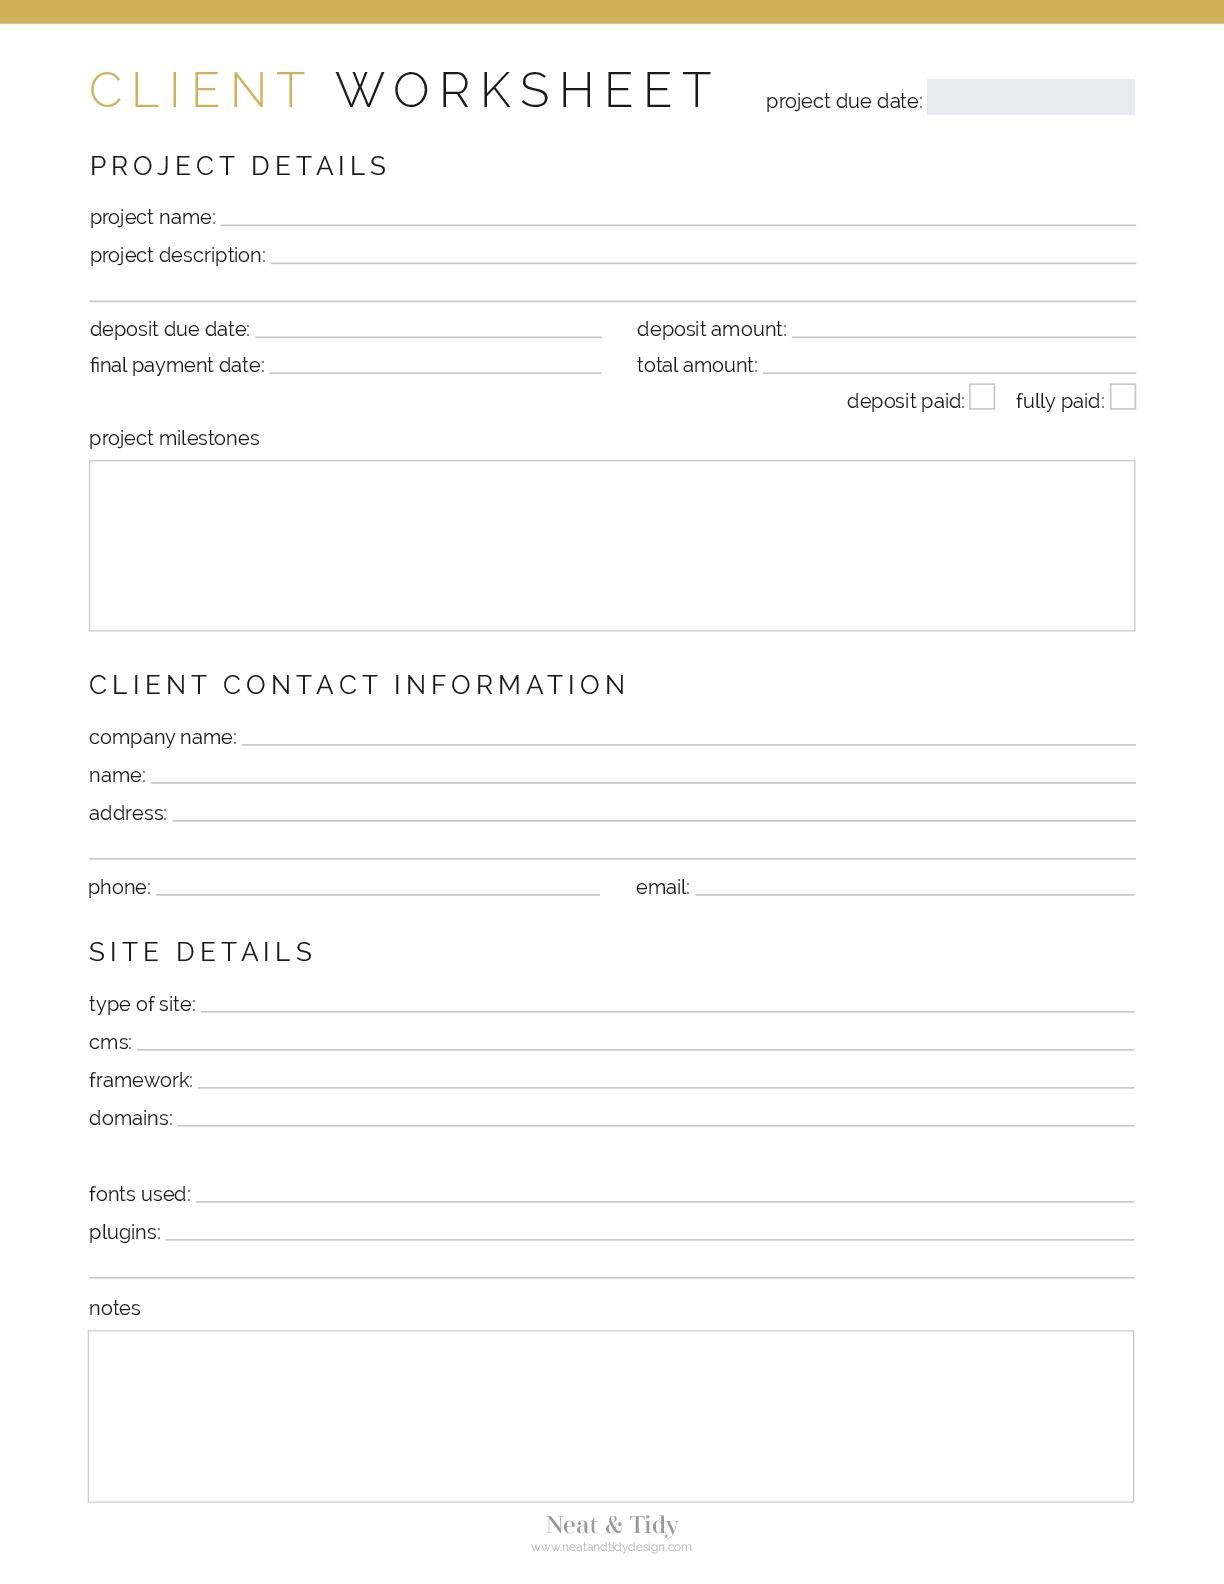 Client Worksheet Web Design